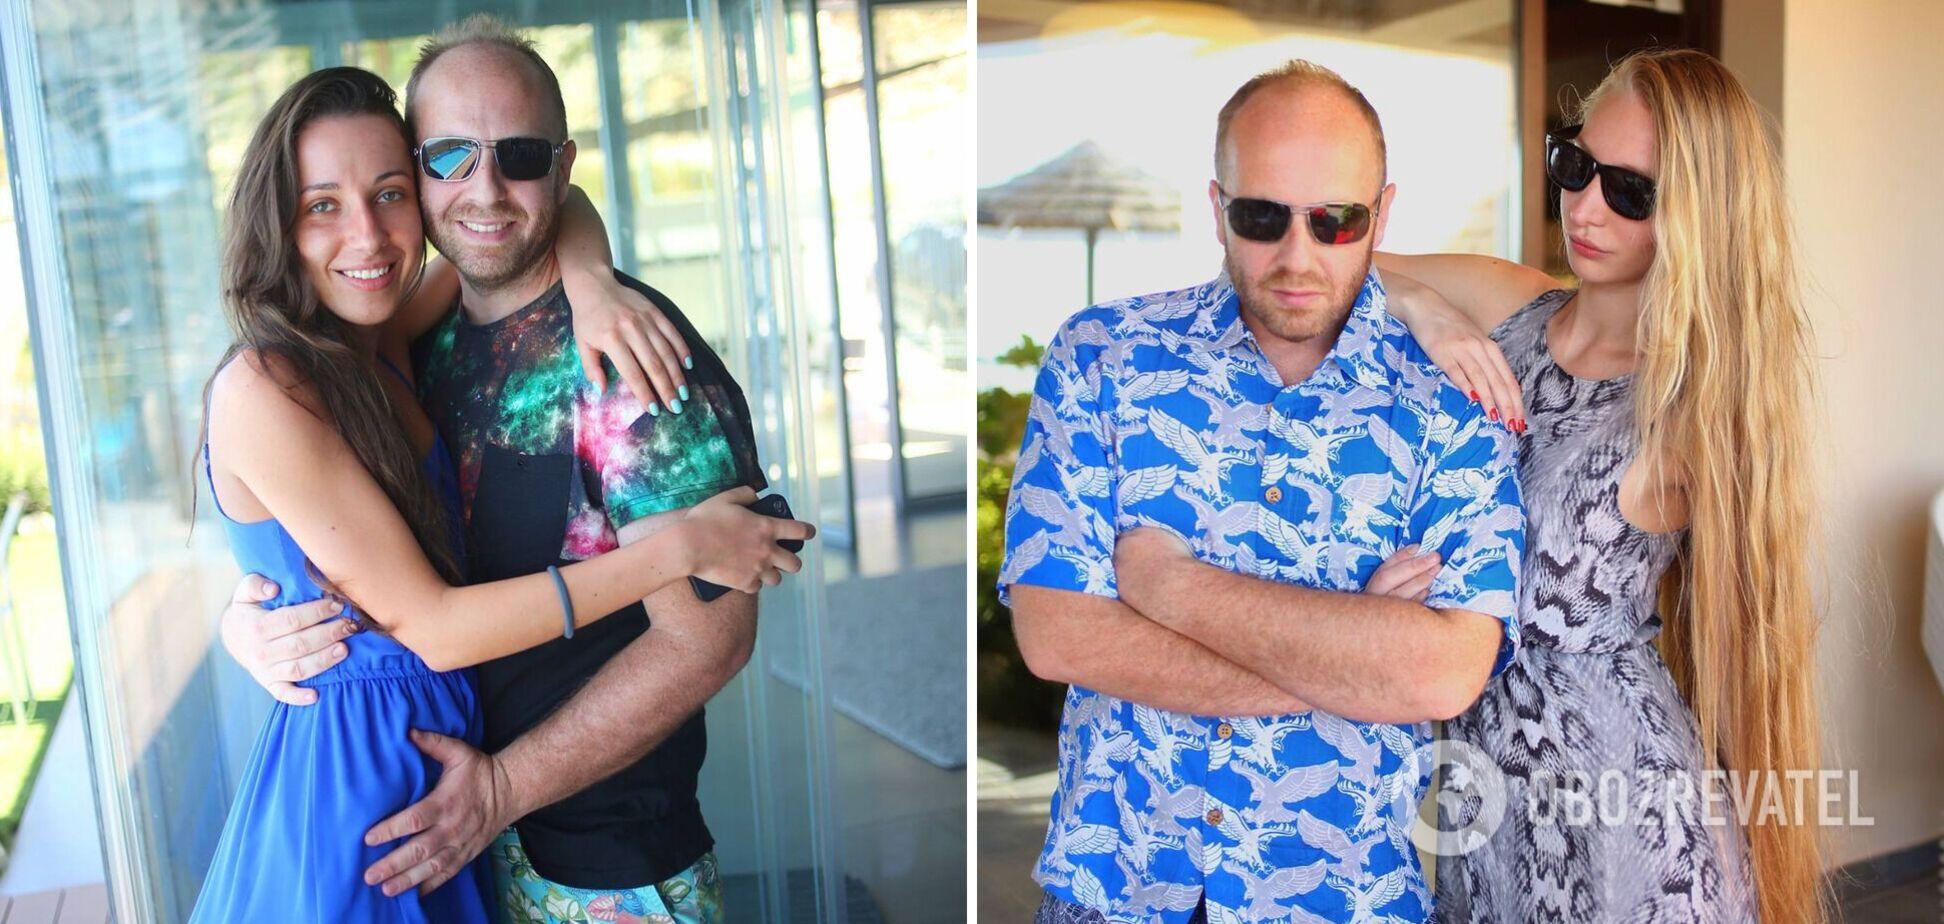 Фотограф – про організатора голої вечірки в ОАЕ: мутна людина, не секс-гігант